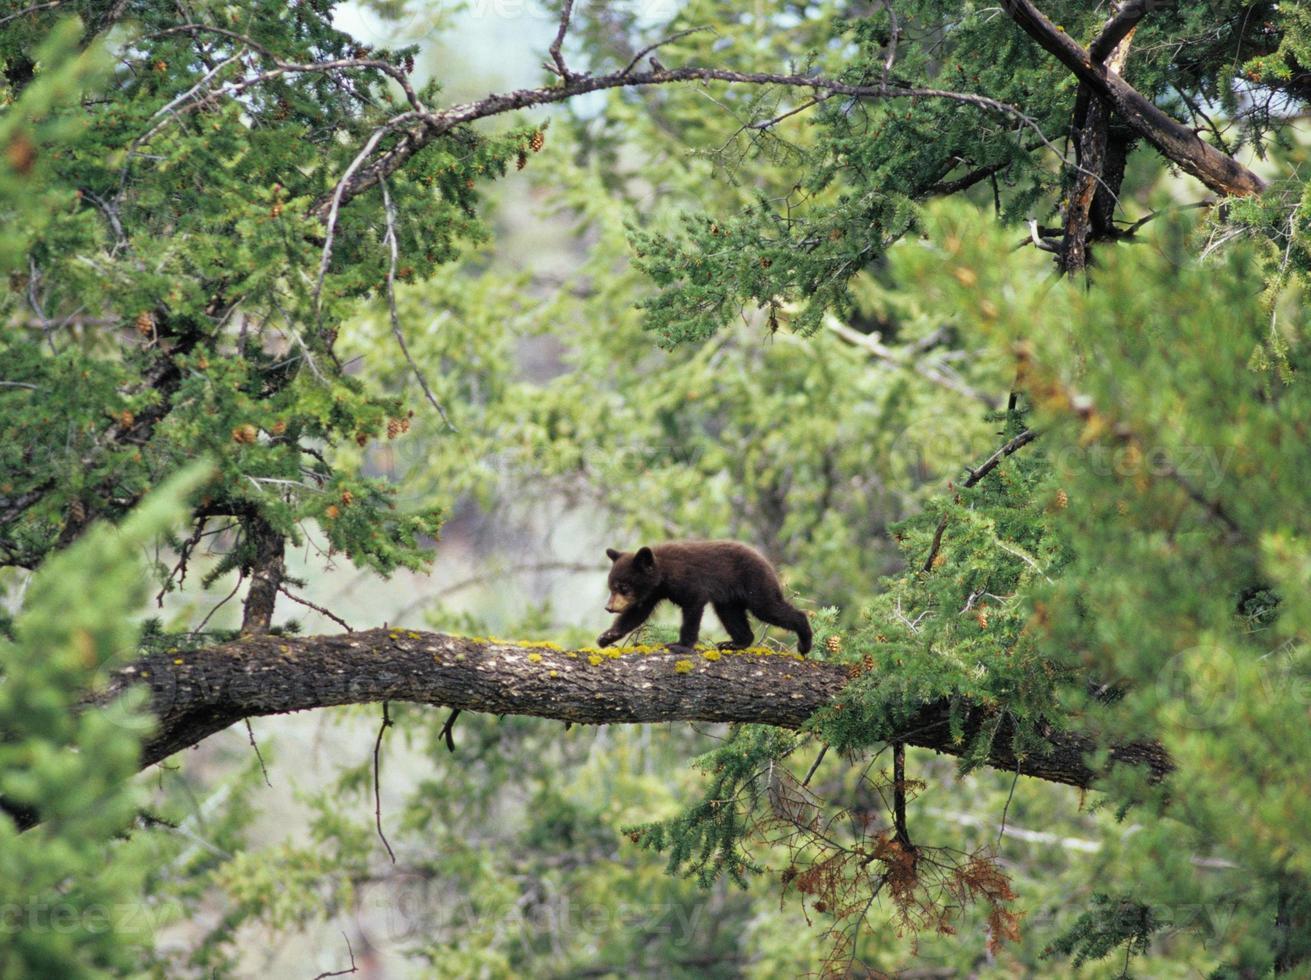 Schwarzbärenjunges auf Ast foto